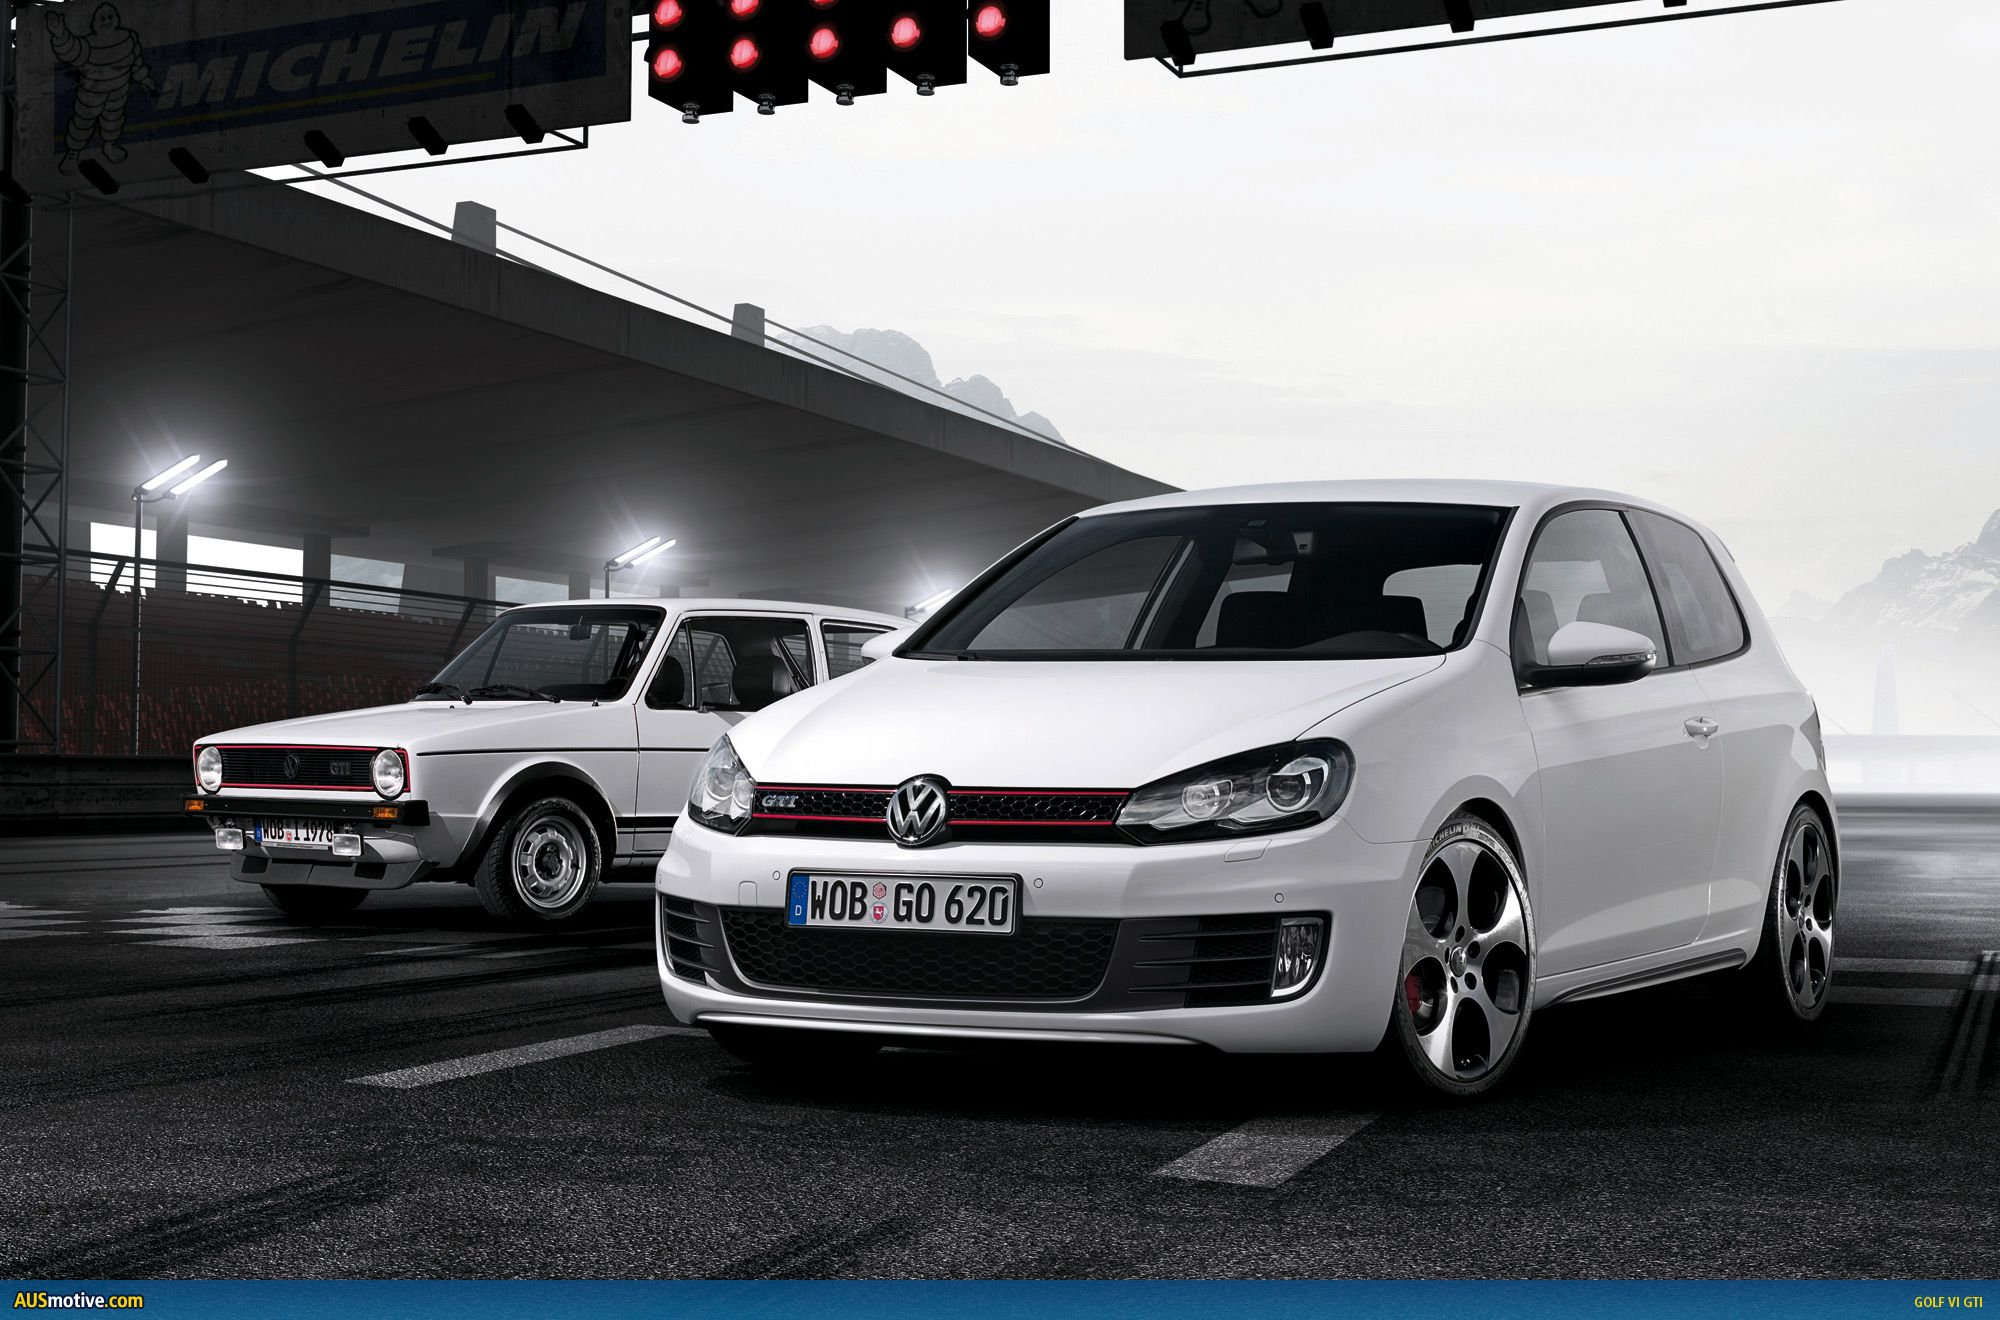 Volkswagen Golf VI Wallpapers Volkswagen golf mk2 Volkswagen 2000x1320